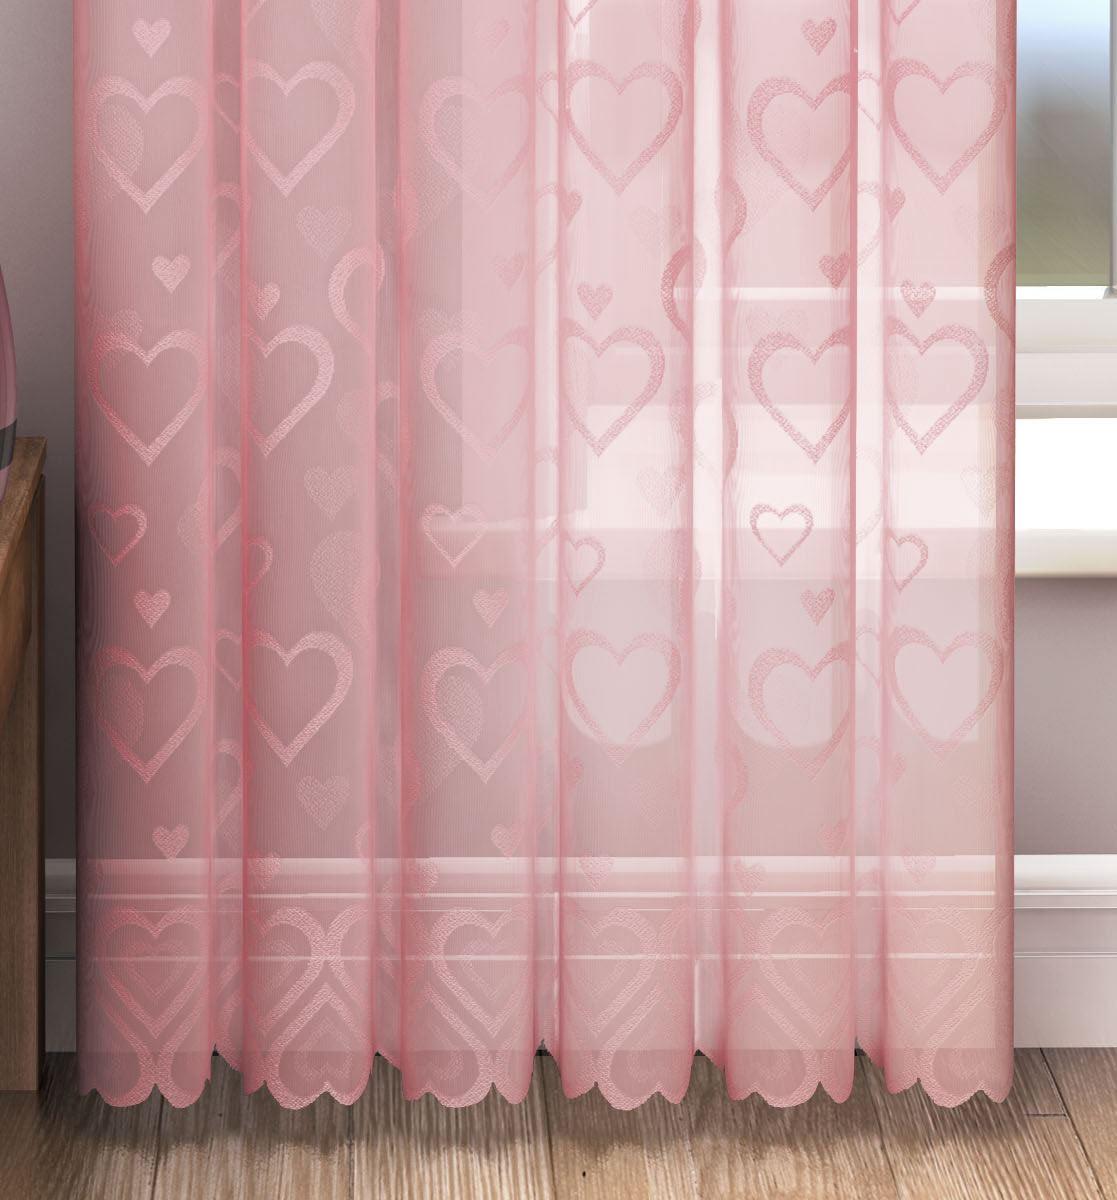 vorhang panel liebe herz voile vorh nge spitze creme rosa wei ebay. Black Bedroom Furniture Sets. Home Design Ideas